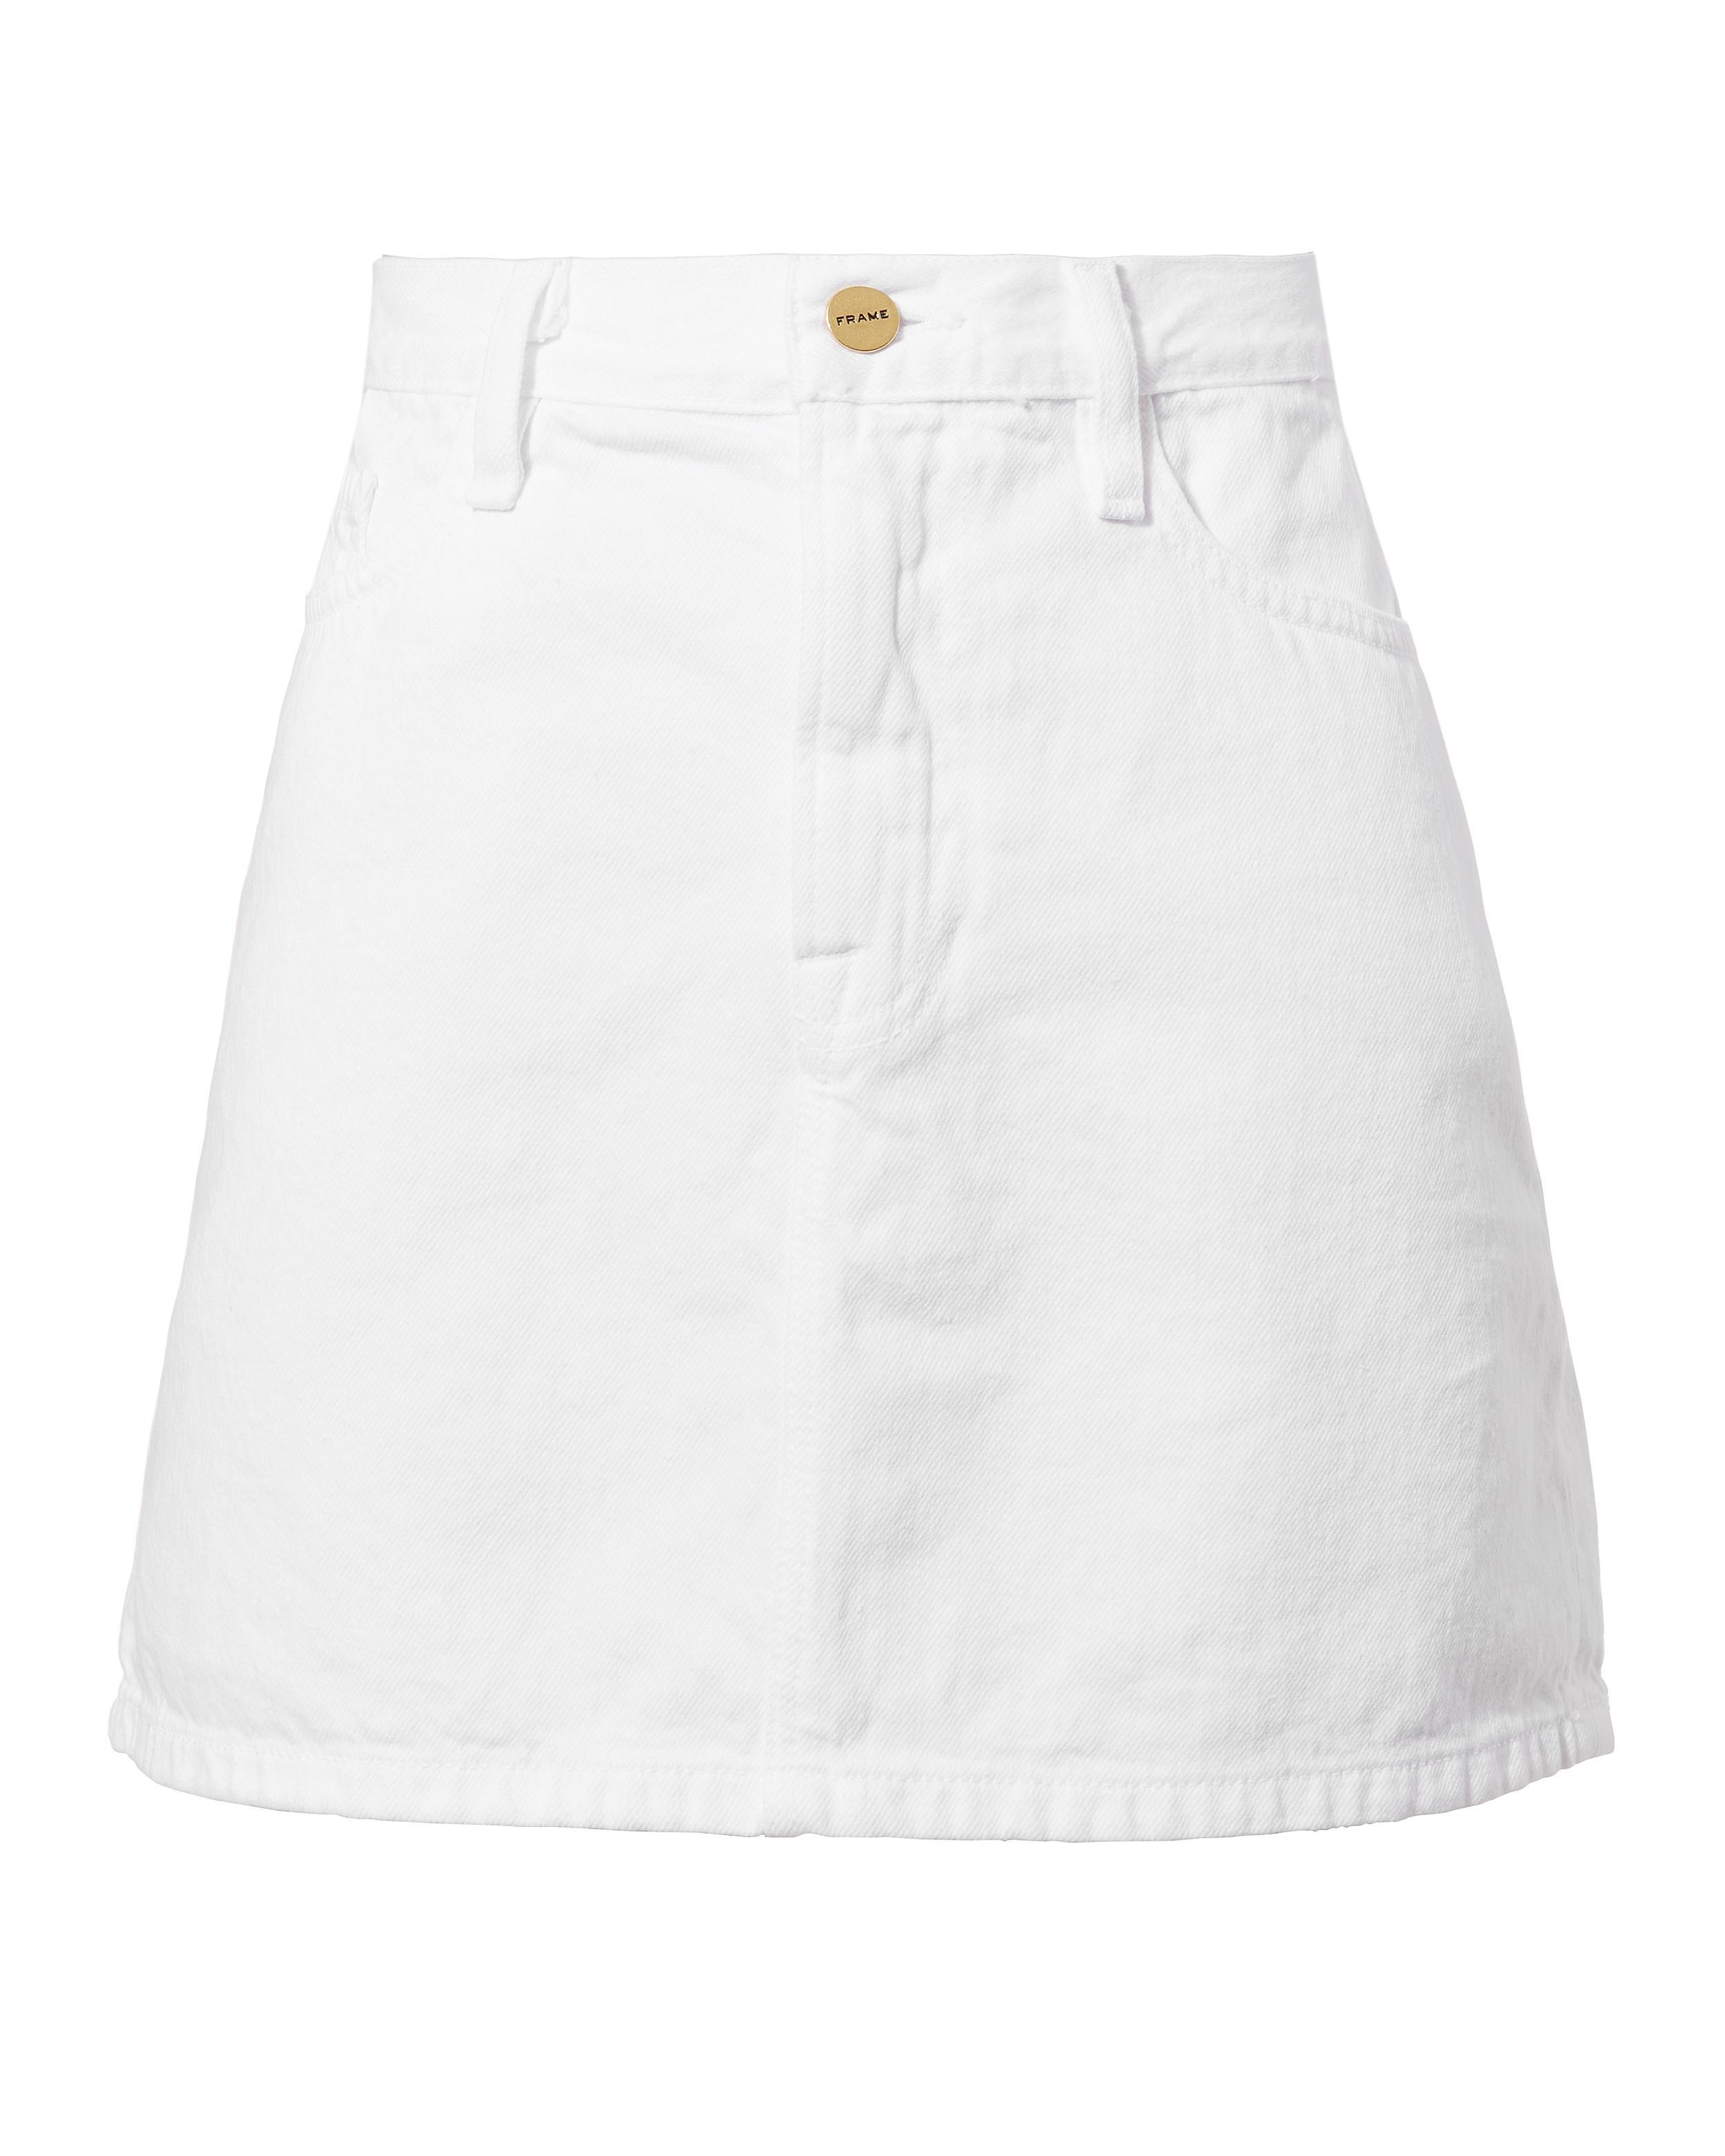 Frame Le White Mini Skirt